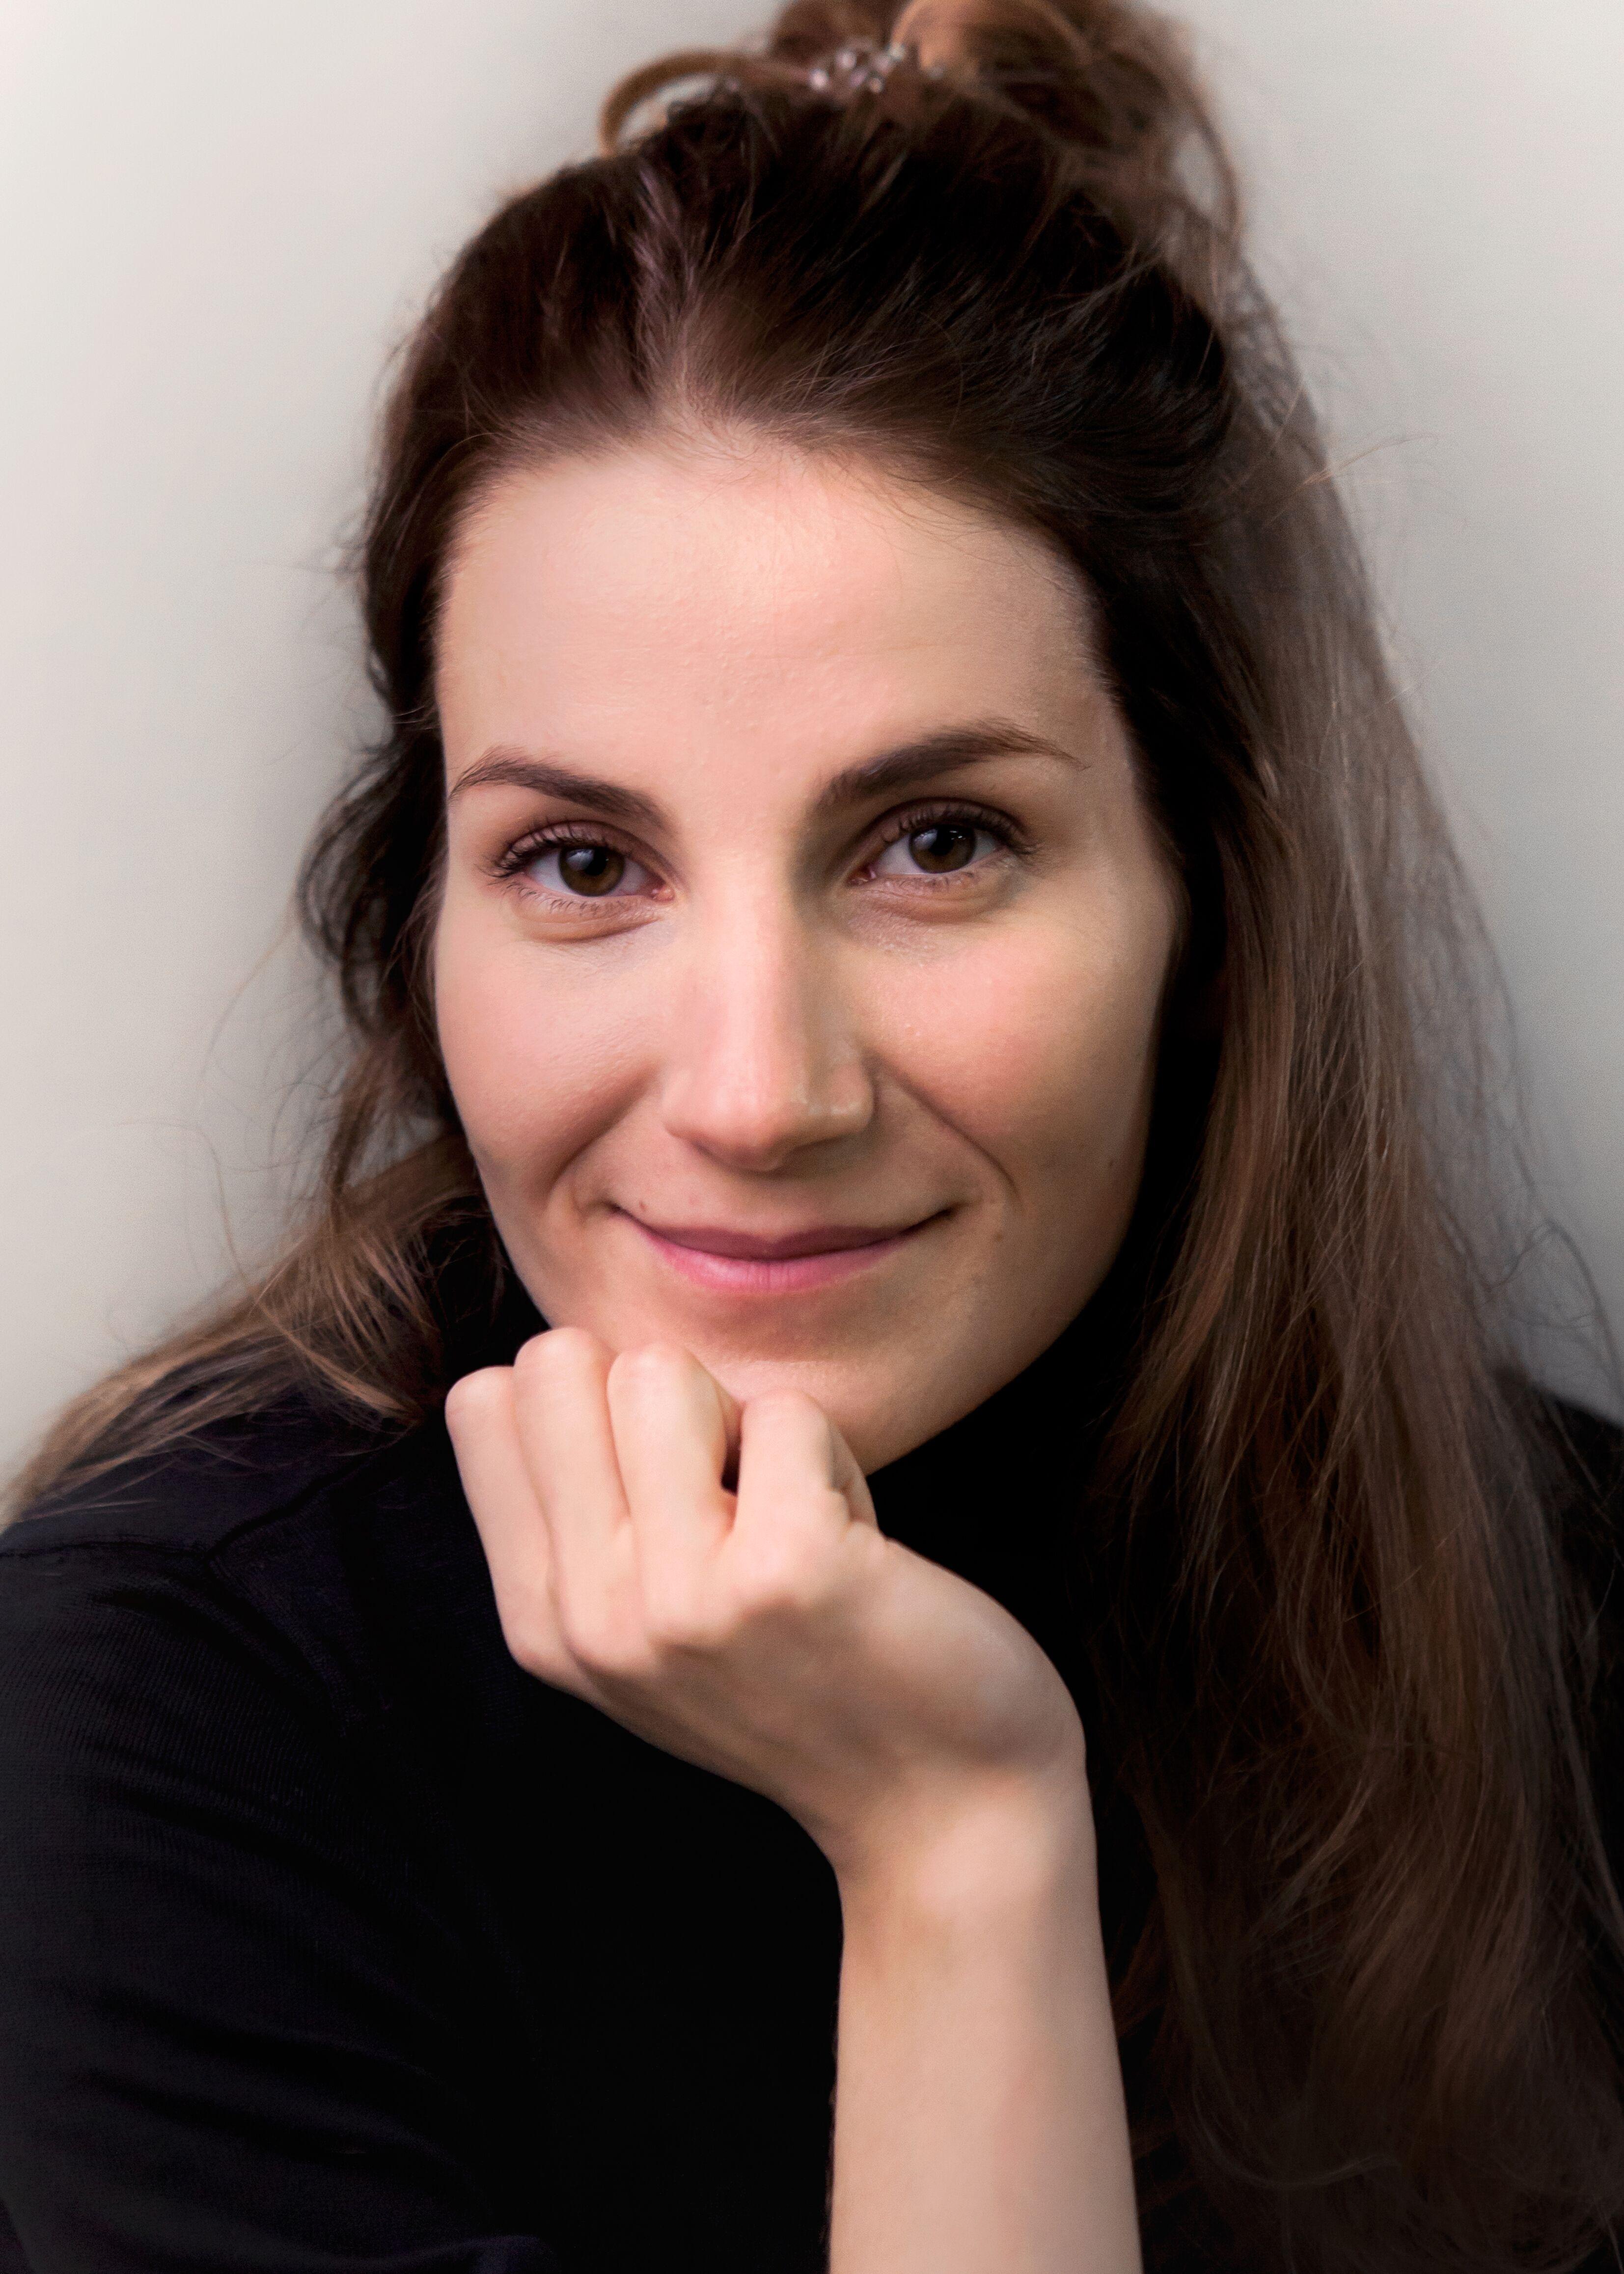 Laura Marleena Halonen